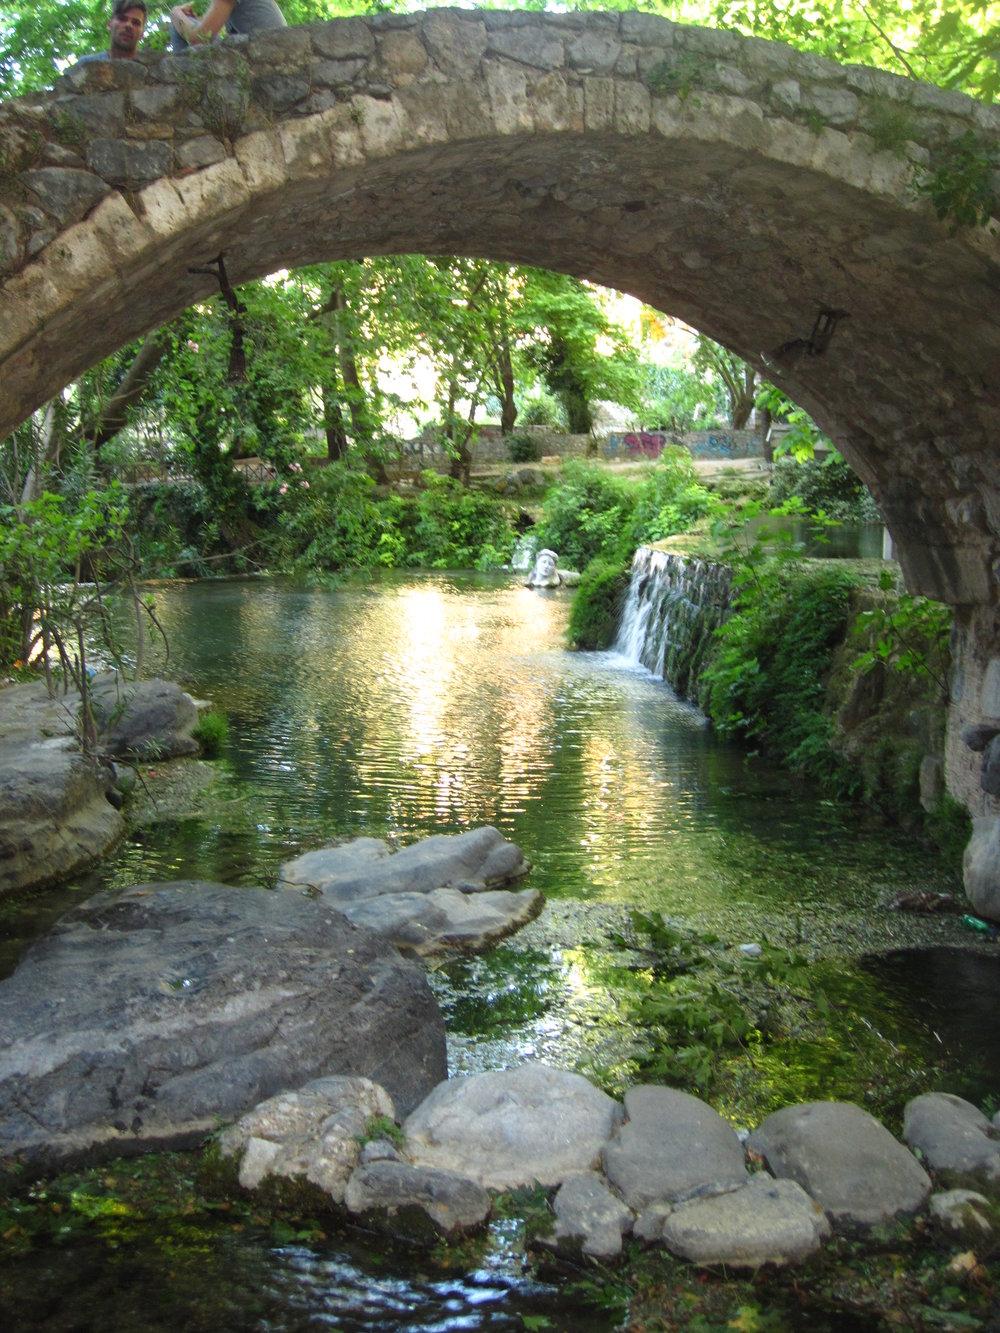 Στην κοιλάδα που για 12 αιώνες αντηχούσαν οι φωνές των επισκεπτώνκαι των ιεροφαντών του αρχαίου μαντείου - θεραπευτηρίου του τοπικού ήρωα Τροφώνιουεξακολουθεί να ρέει μέχρι τις ημέρες μας η Έρκυνα, το ποτάμι που διατρέχει και δροσίζει το άλσος του Τροφωνείου και ποτίζει την πόλη της Λειβαδιάς.Στα νερά της Έρκυναςεξαγνίζονταν ως σημαντικό μέρος του θεραπευτικού δρώμενου του αρχαίου Τροφωνείου οι συμμετέχοντες. Στο ανεπανάληπτο μνημείο της Λειβαδιάς, που θα αποτελούσε ακόμη και στις μέρες μας υποδειγματικό κέντρο ψυχικής υγείας και ευεξίας αφιερώσαμε το σύγχρονο Τροφώνειο που δημιουργούμε σταδιακά τα τελευταία 15 χρόνια στη Λεμεσό.